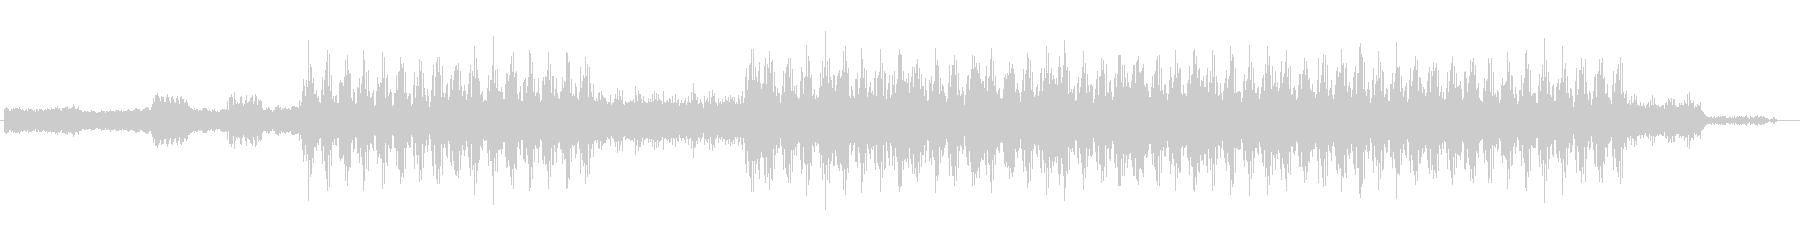 近未来のような電子音サウンドの未再生の波形